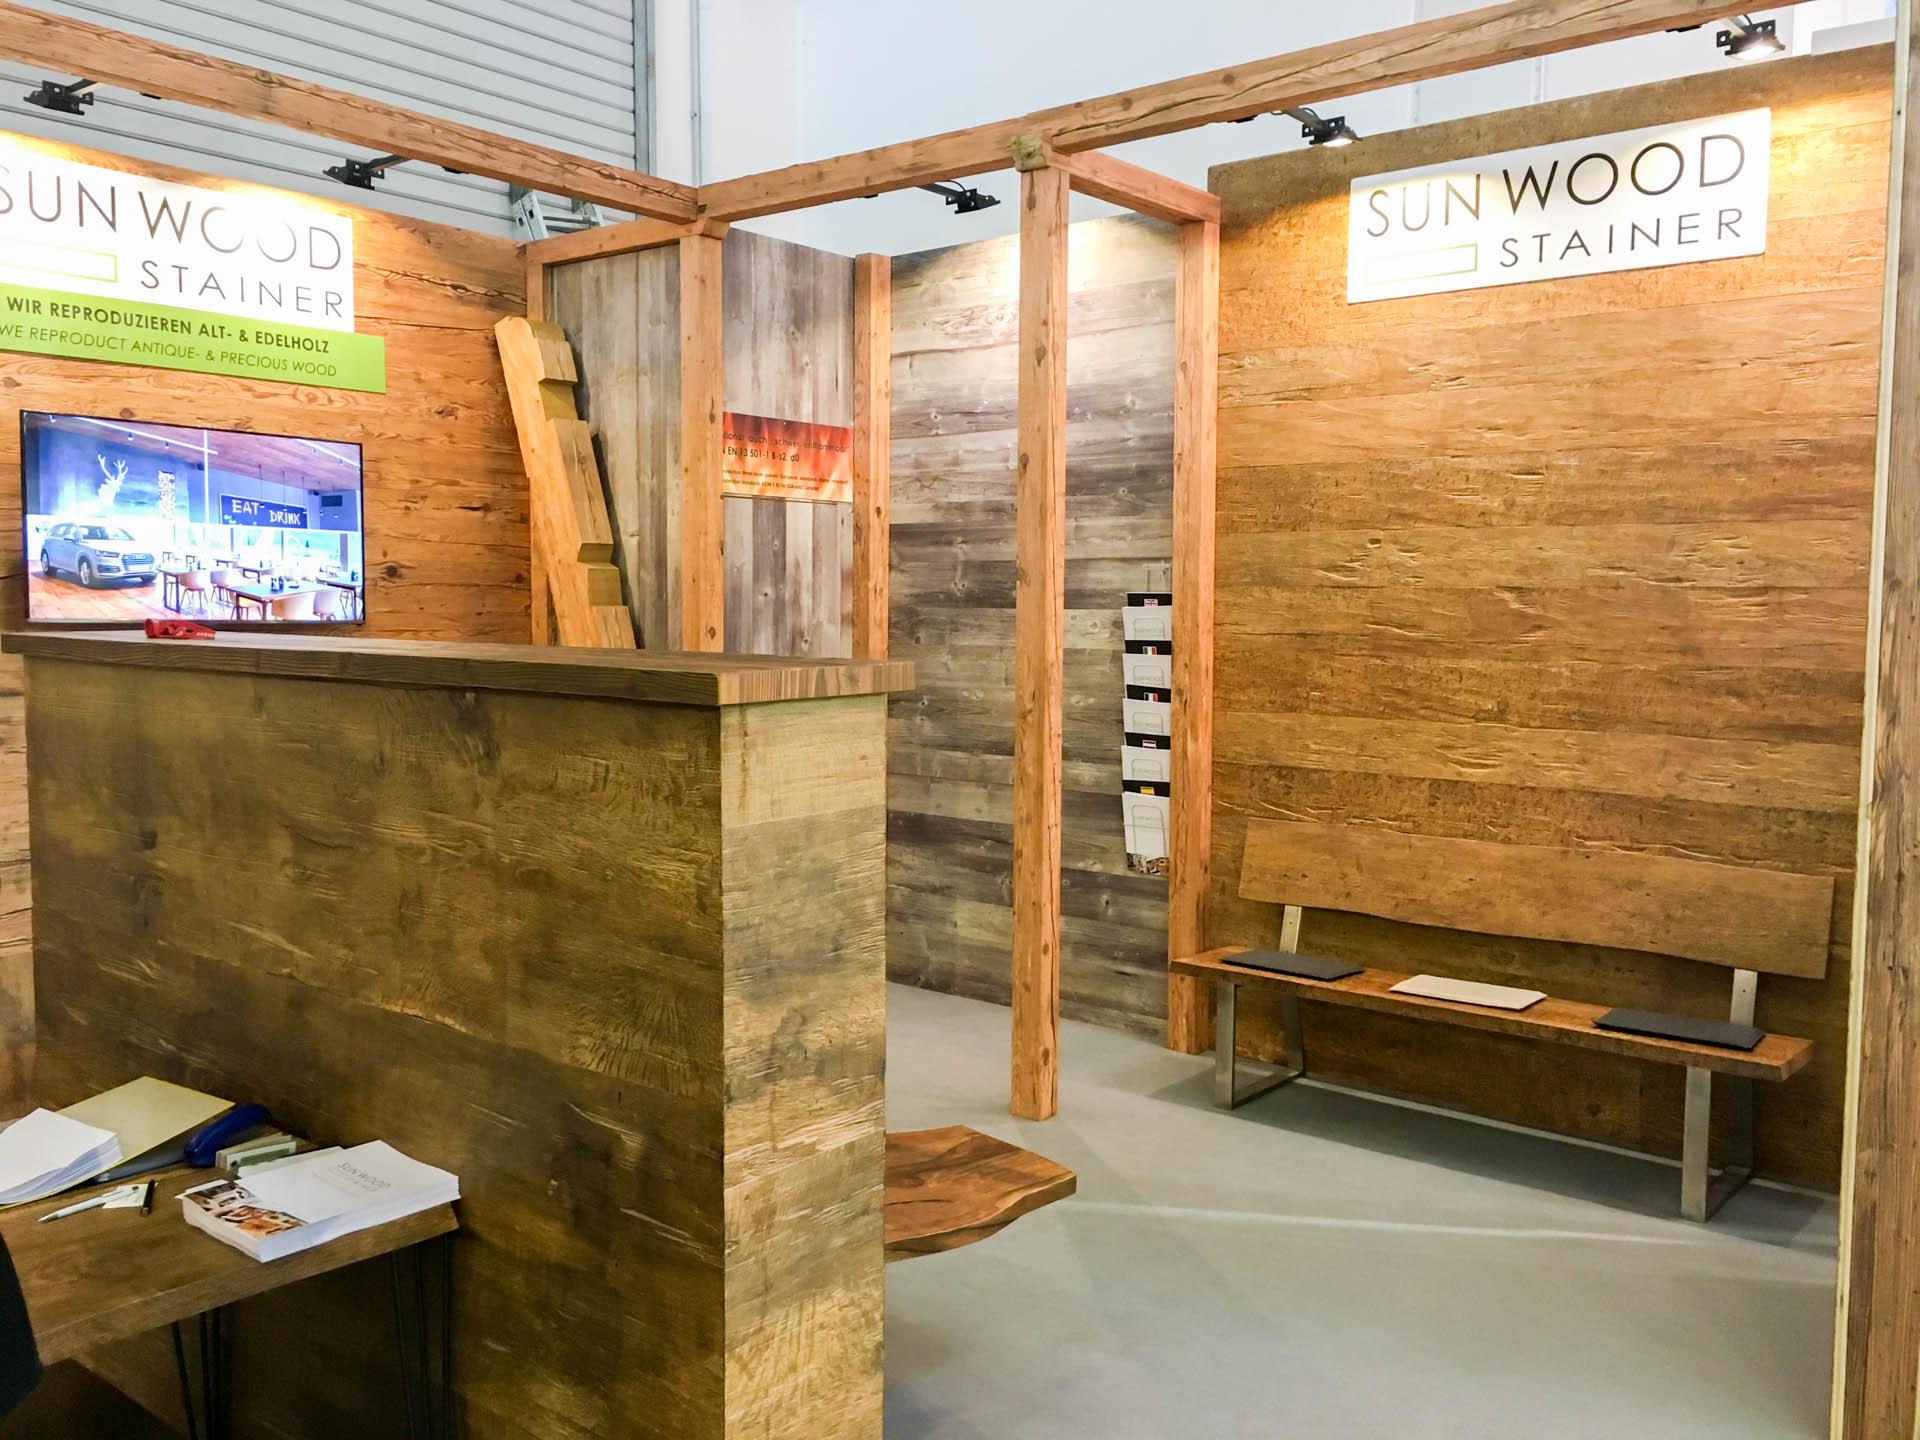 messest nde bau 2017 stainer sun wood. Black Bedroom Furniture Sets. Home Design Ideas